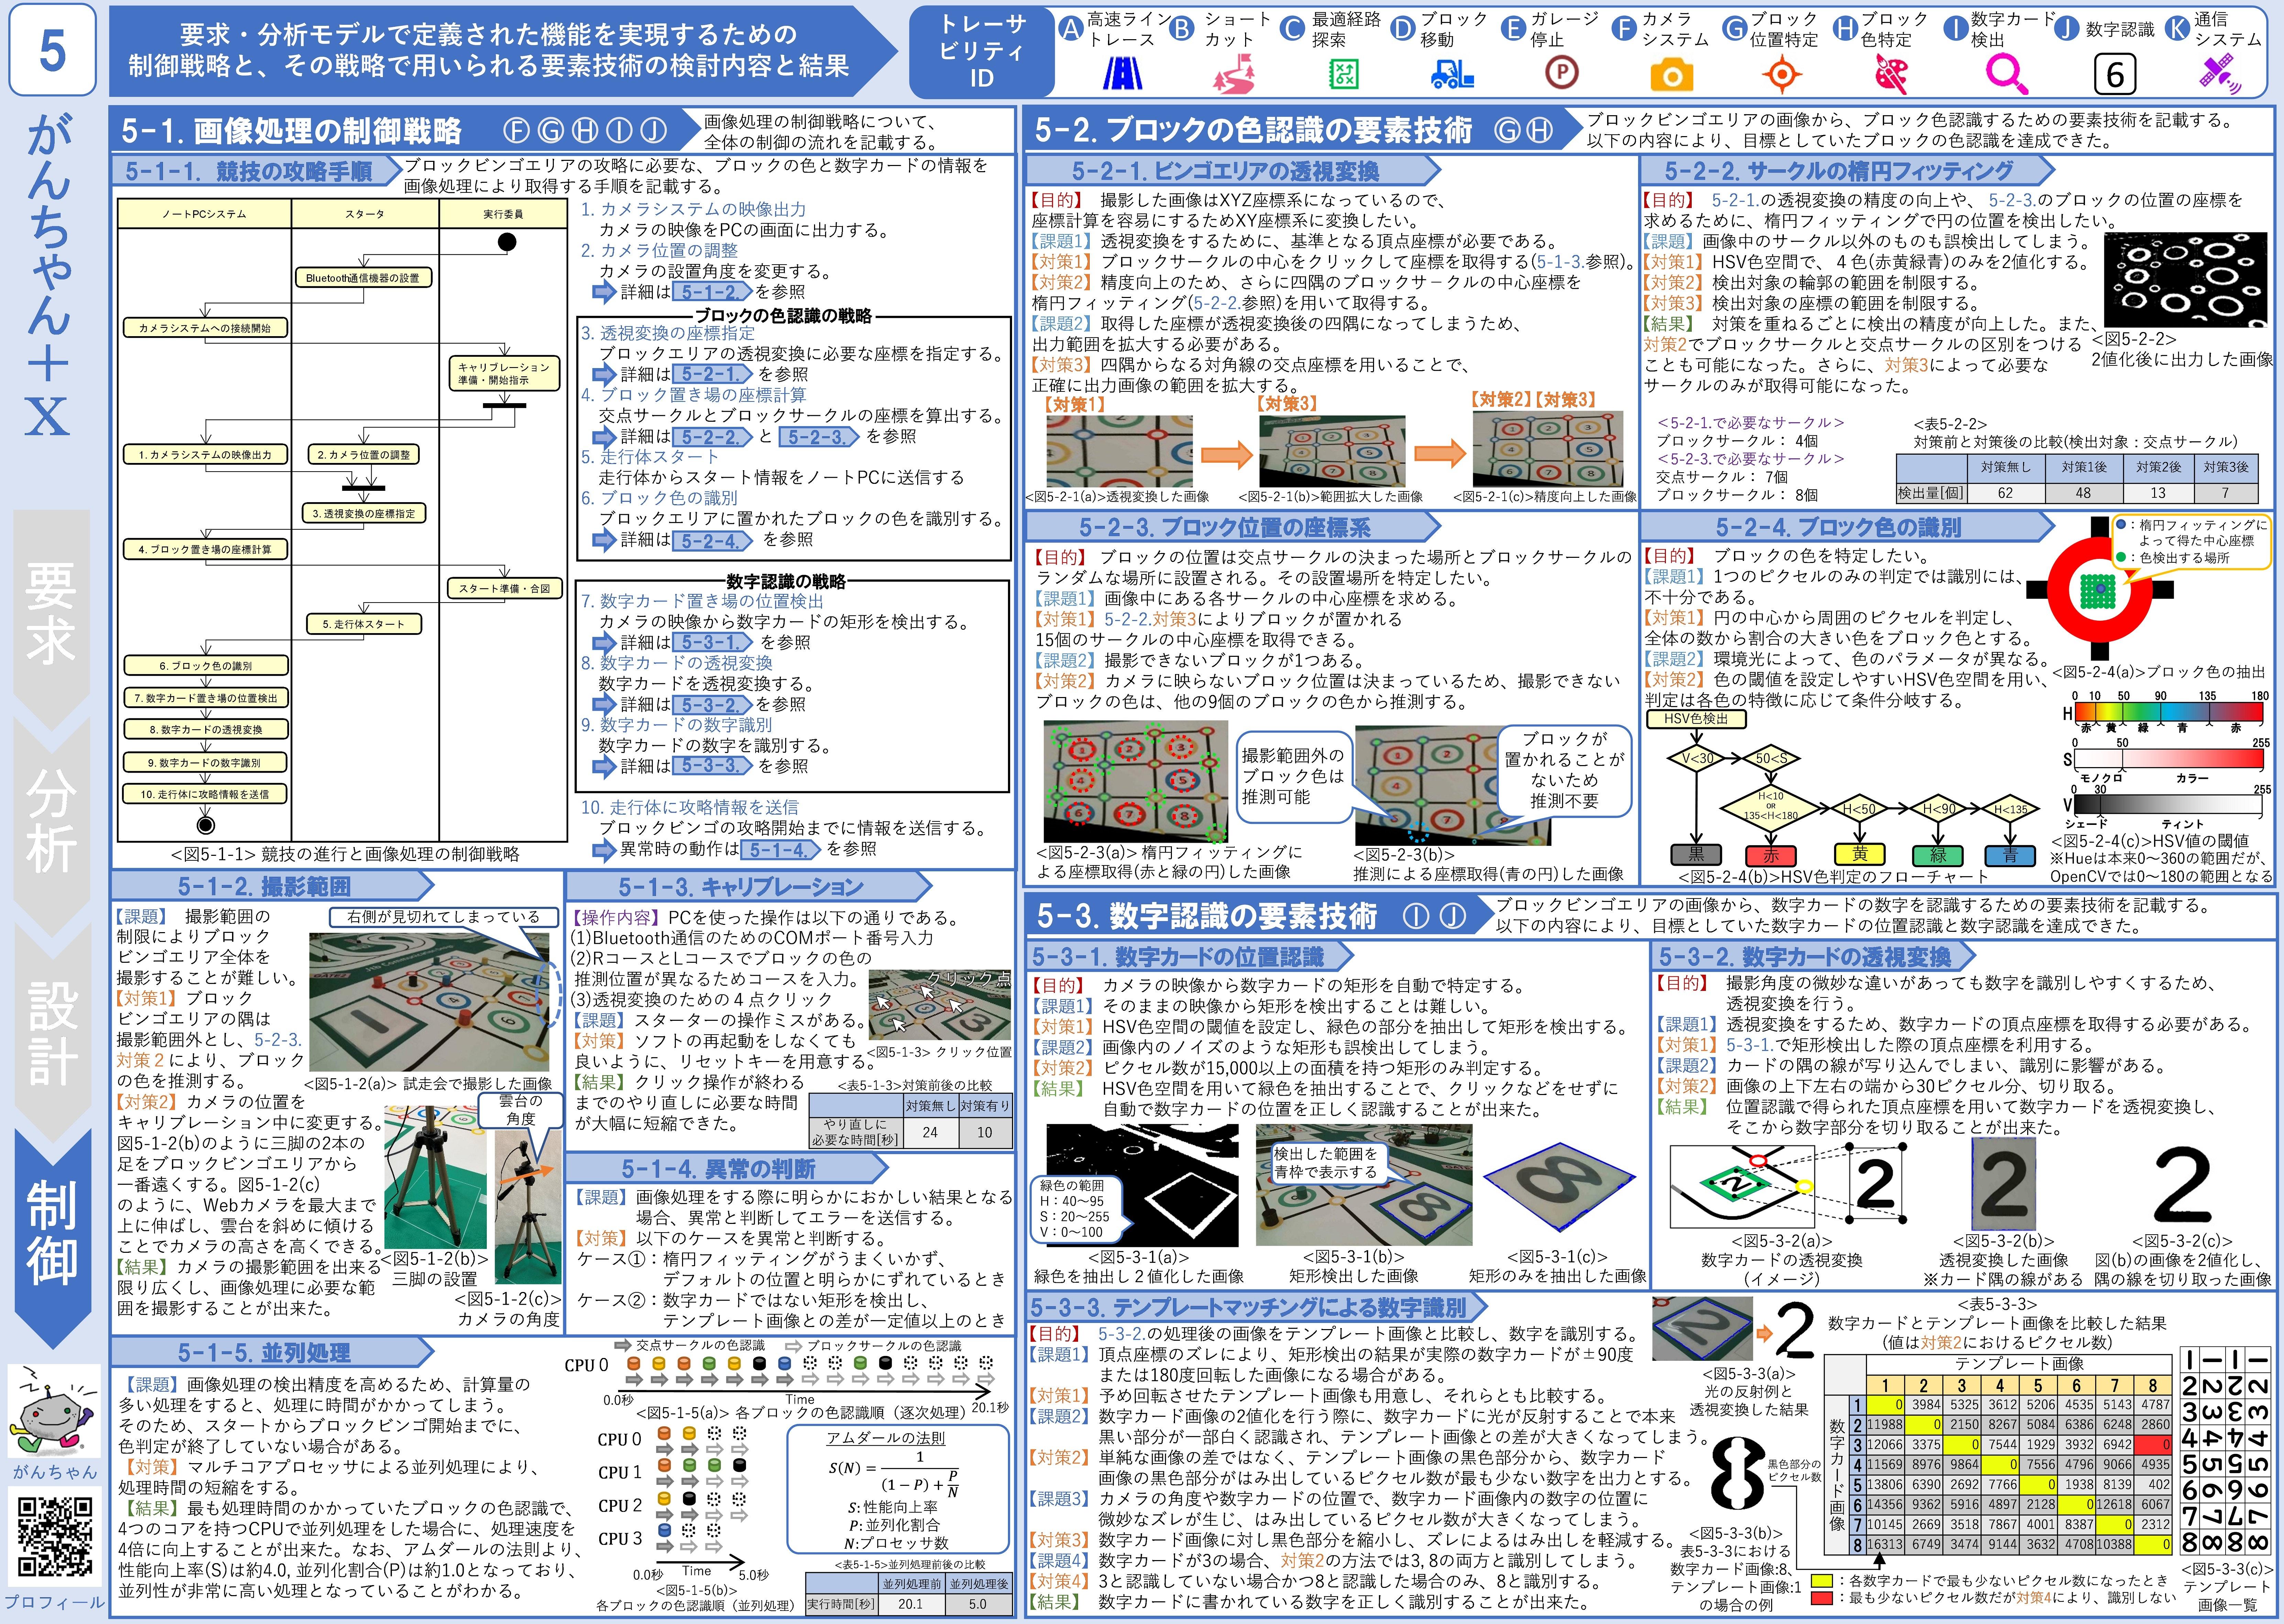 制御モデル_ver4.22.jpg